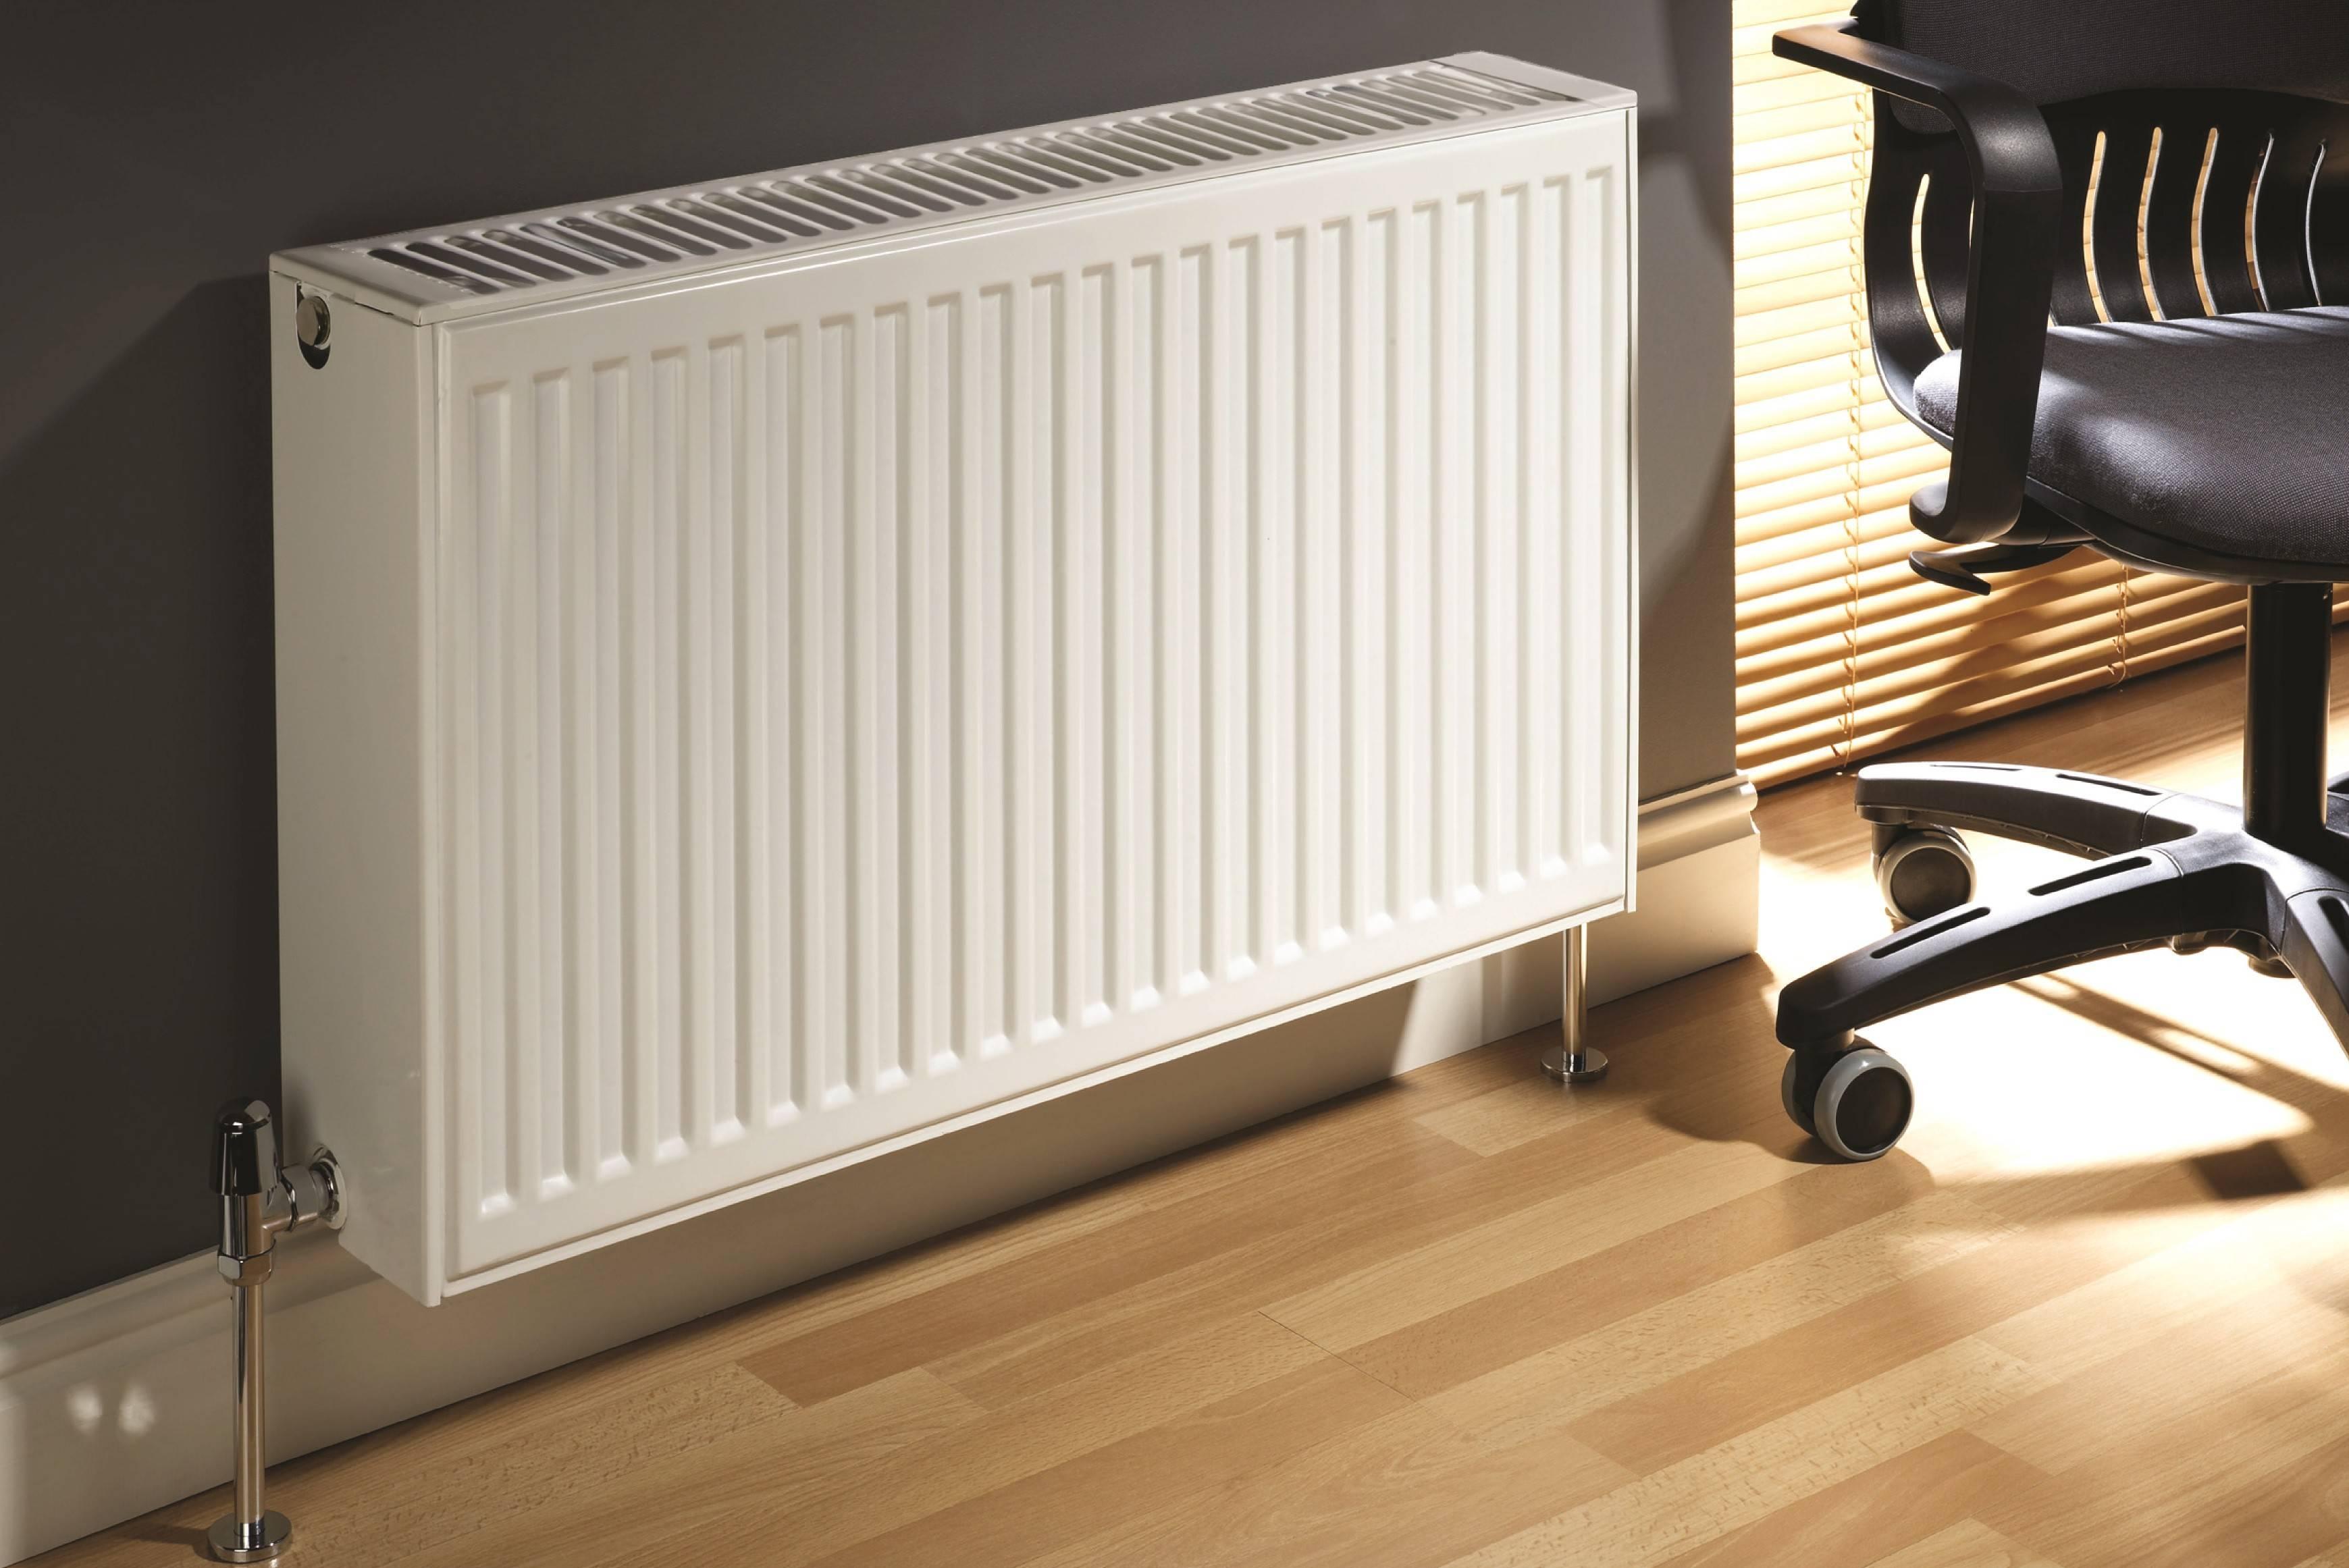 Виды радиаторов отопления - описание существующих моделей